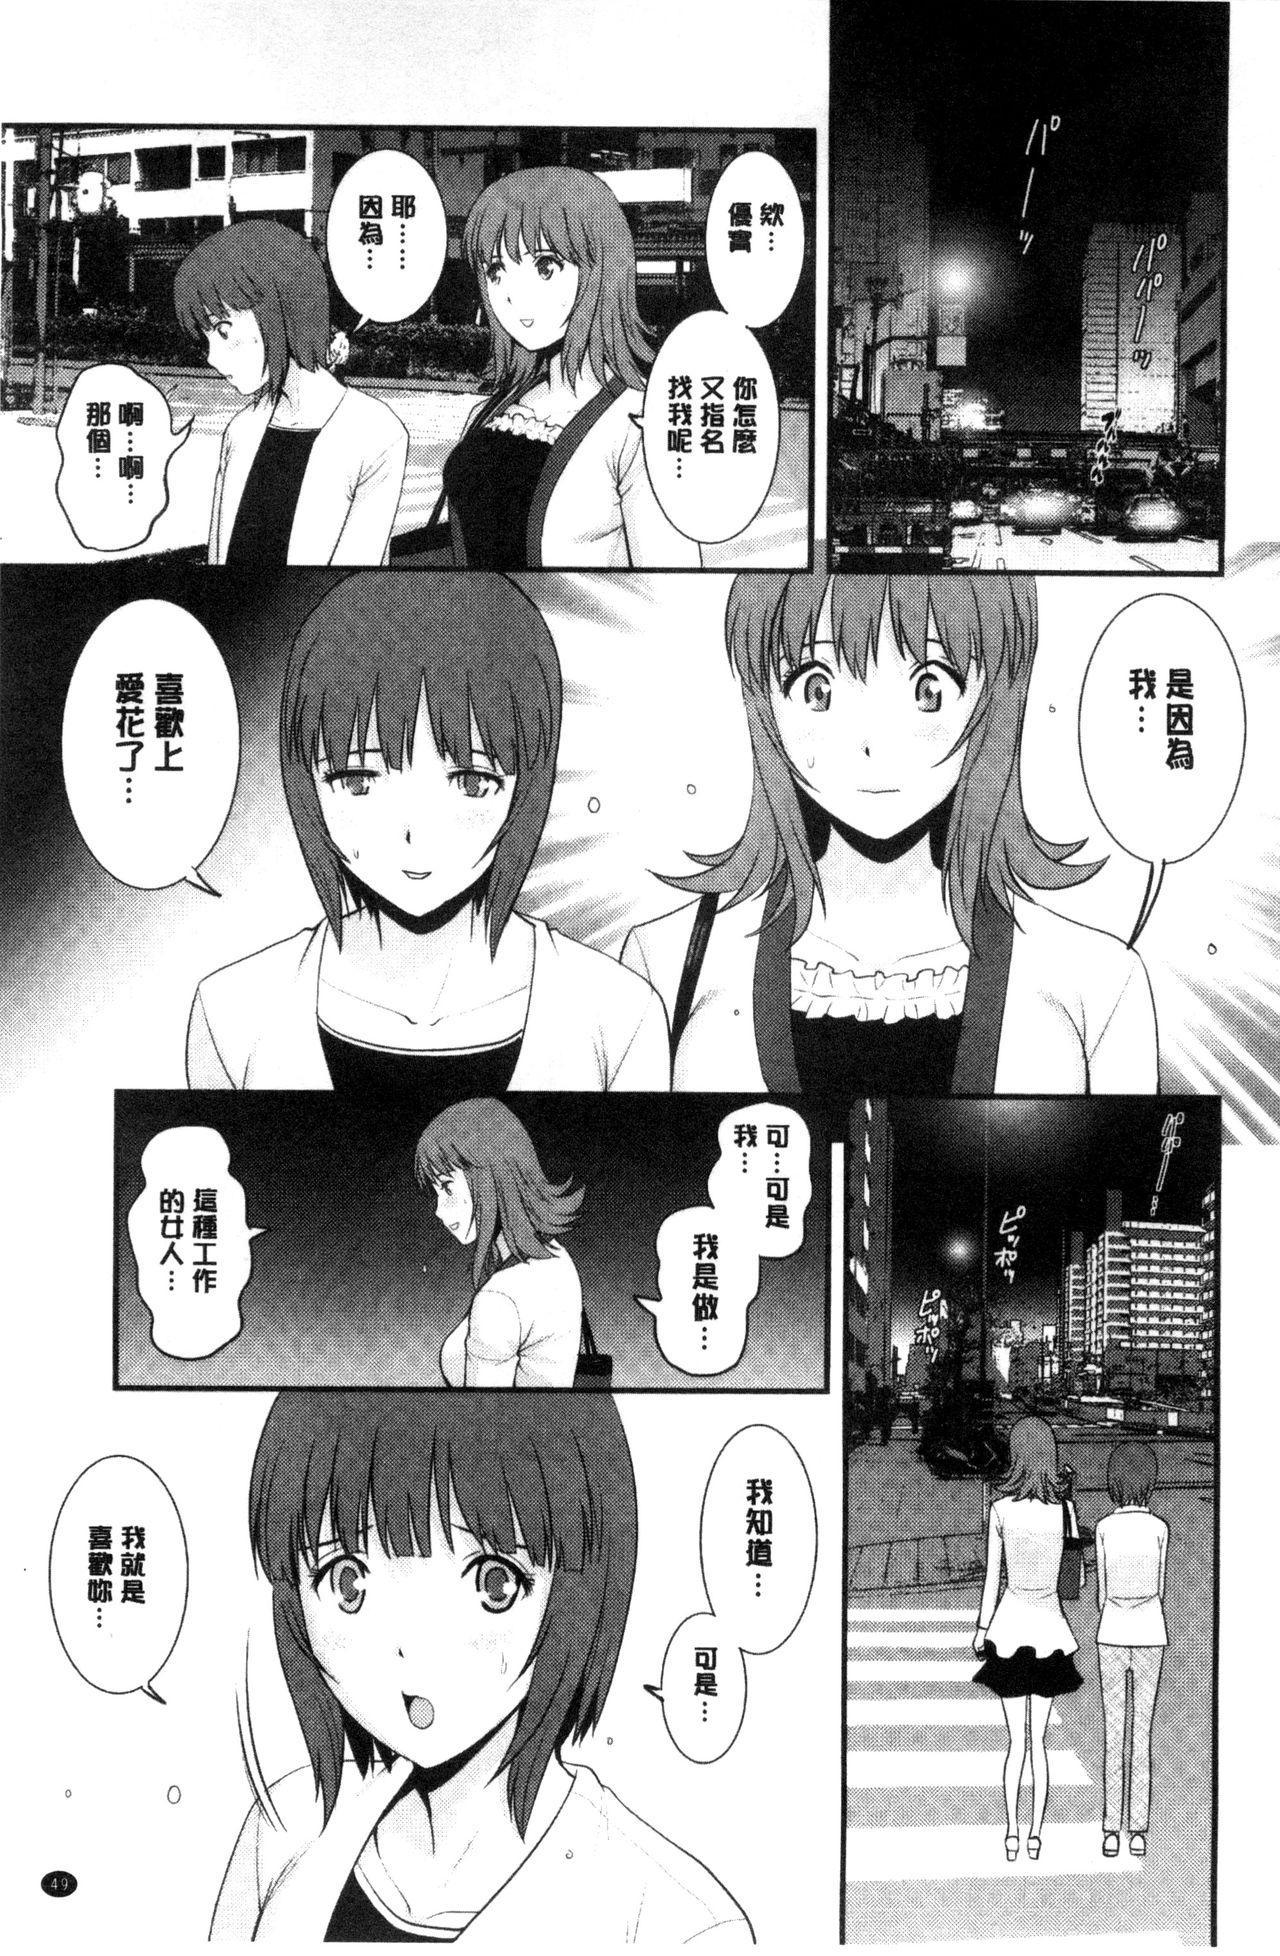 [Saigado] Part Time Manaka-san Wakazuma Enjokousai-ki | 兼職打工的愛花小姐 [Chinese] 49